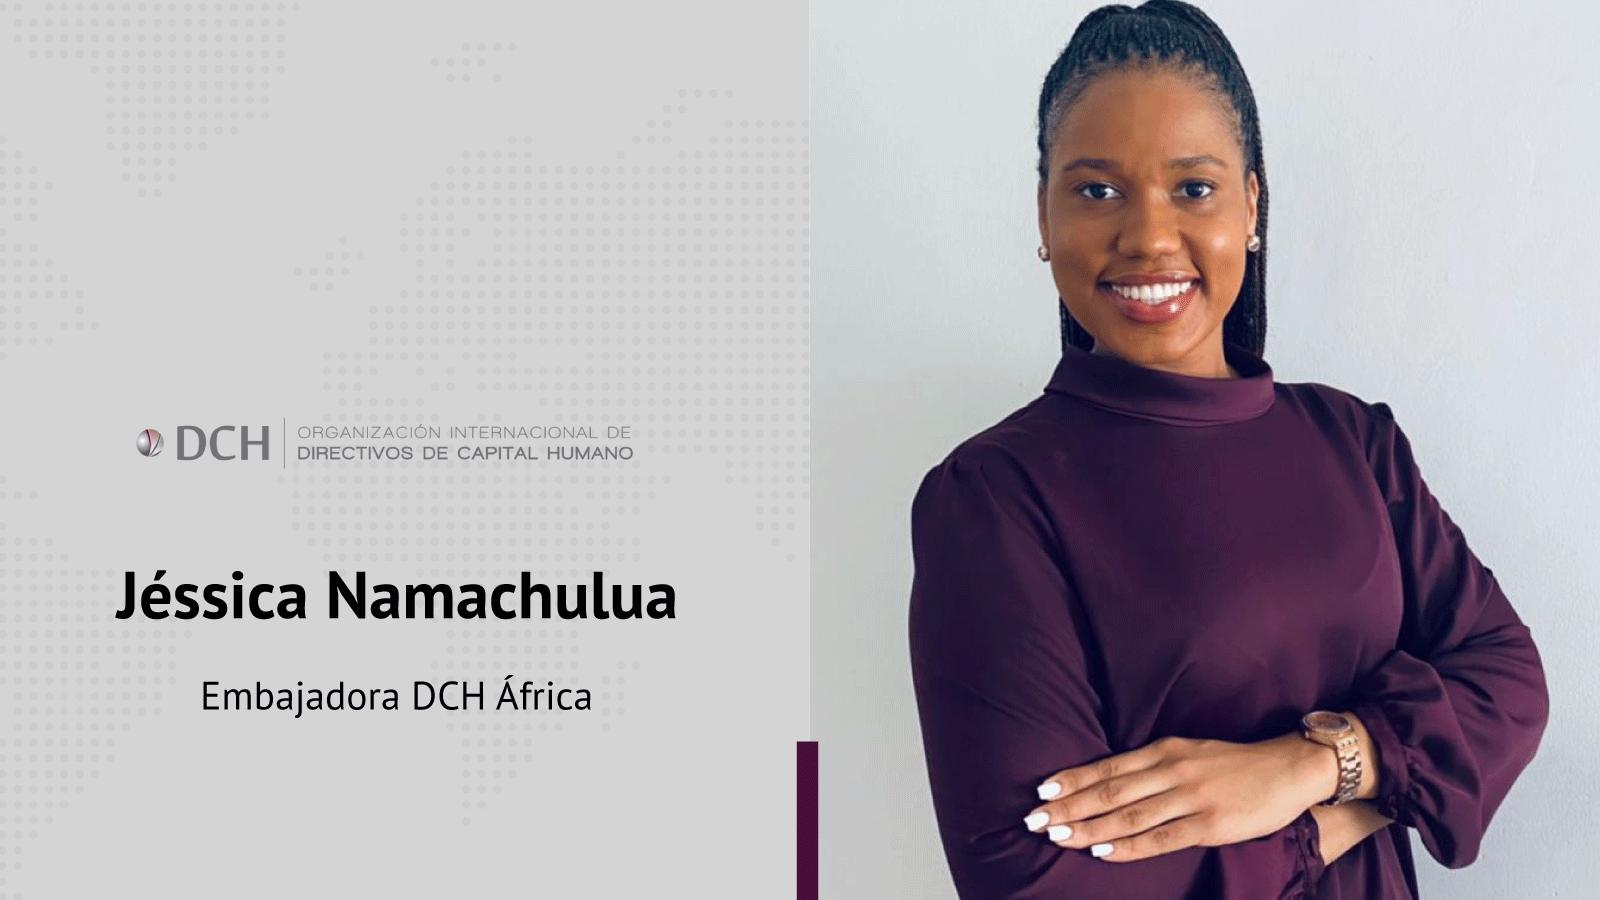 Embajadora en Africa de DCH